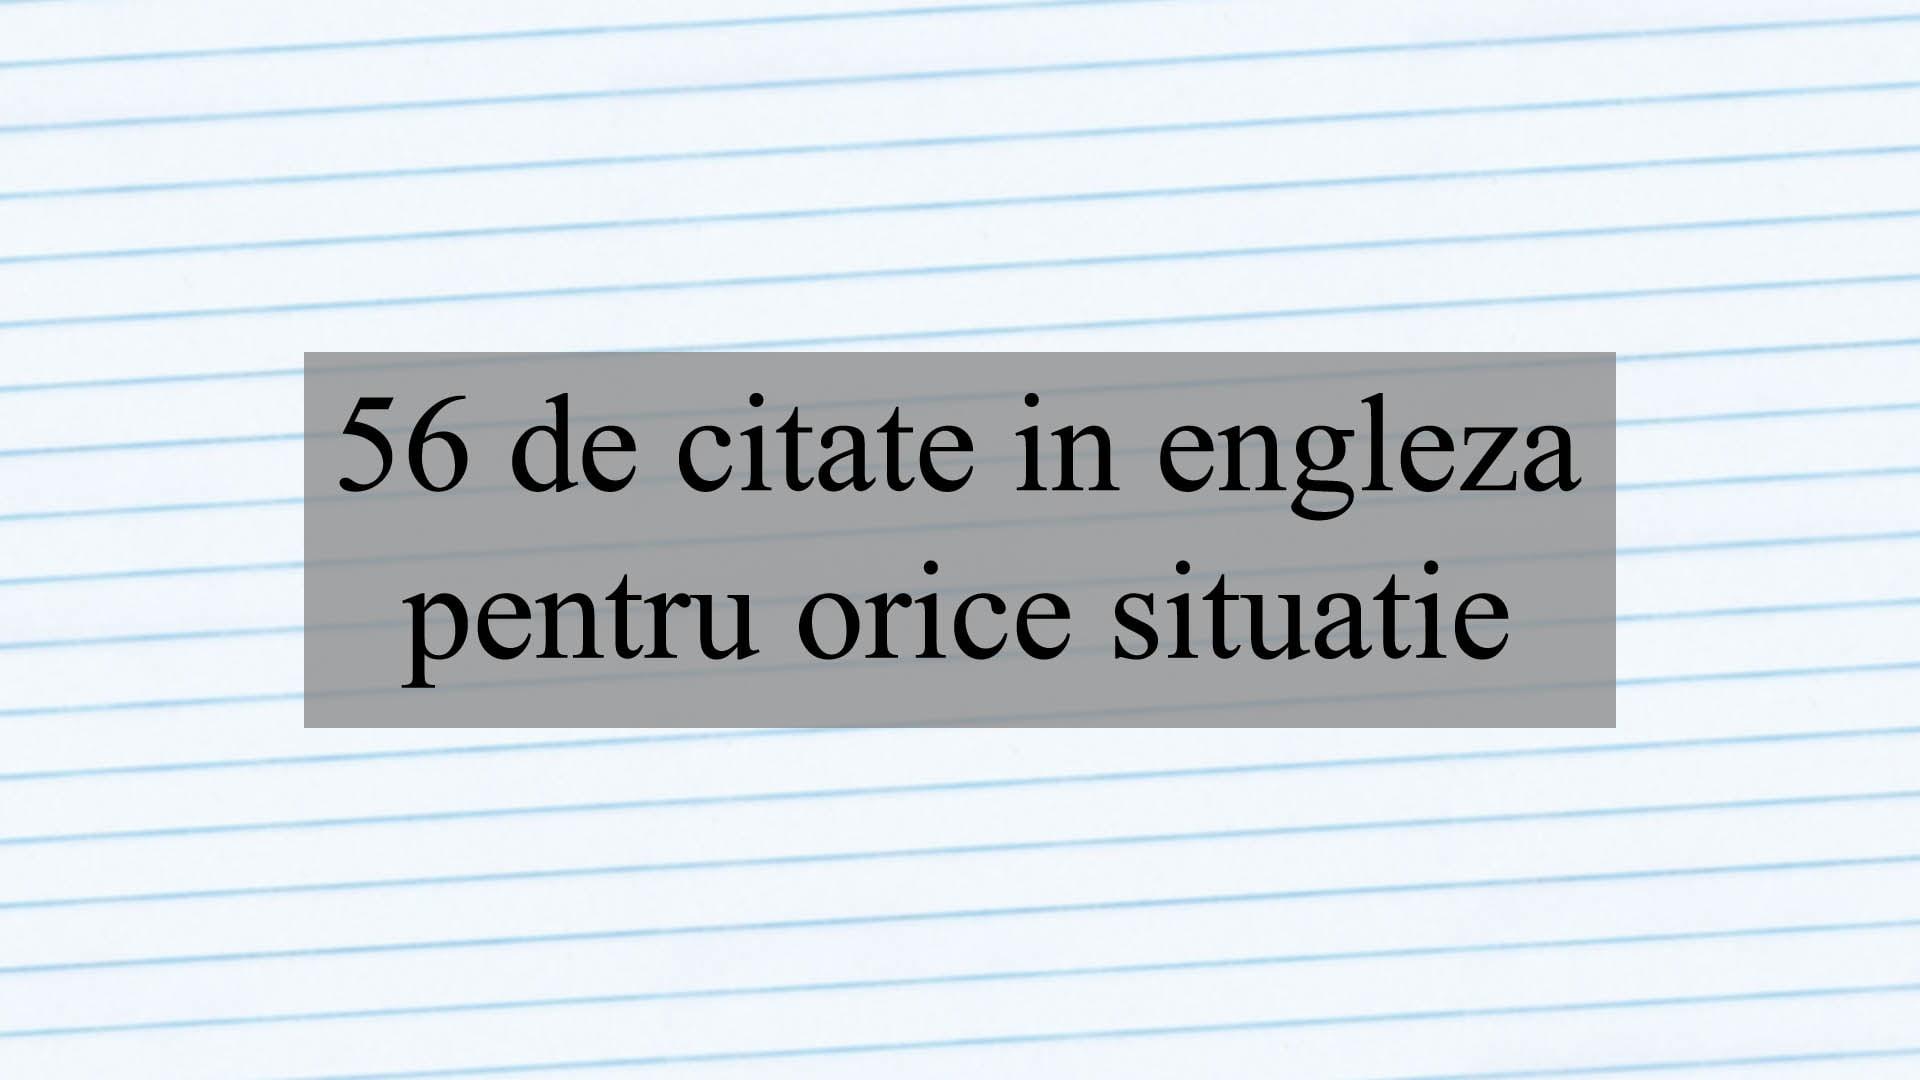 Citate inteligente in engleza